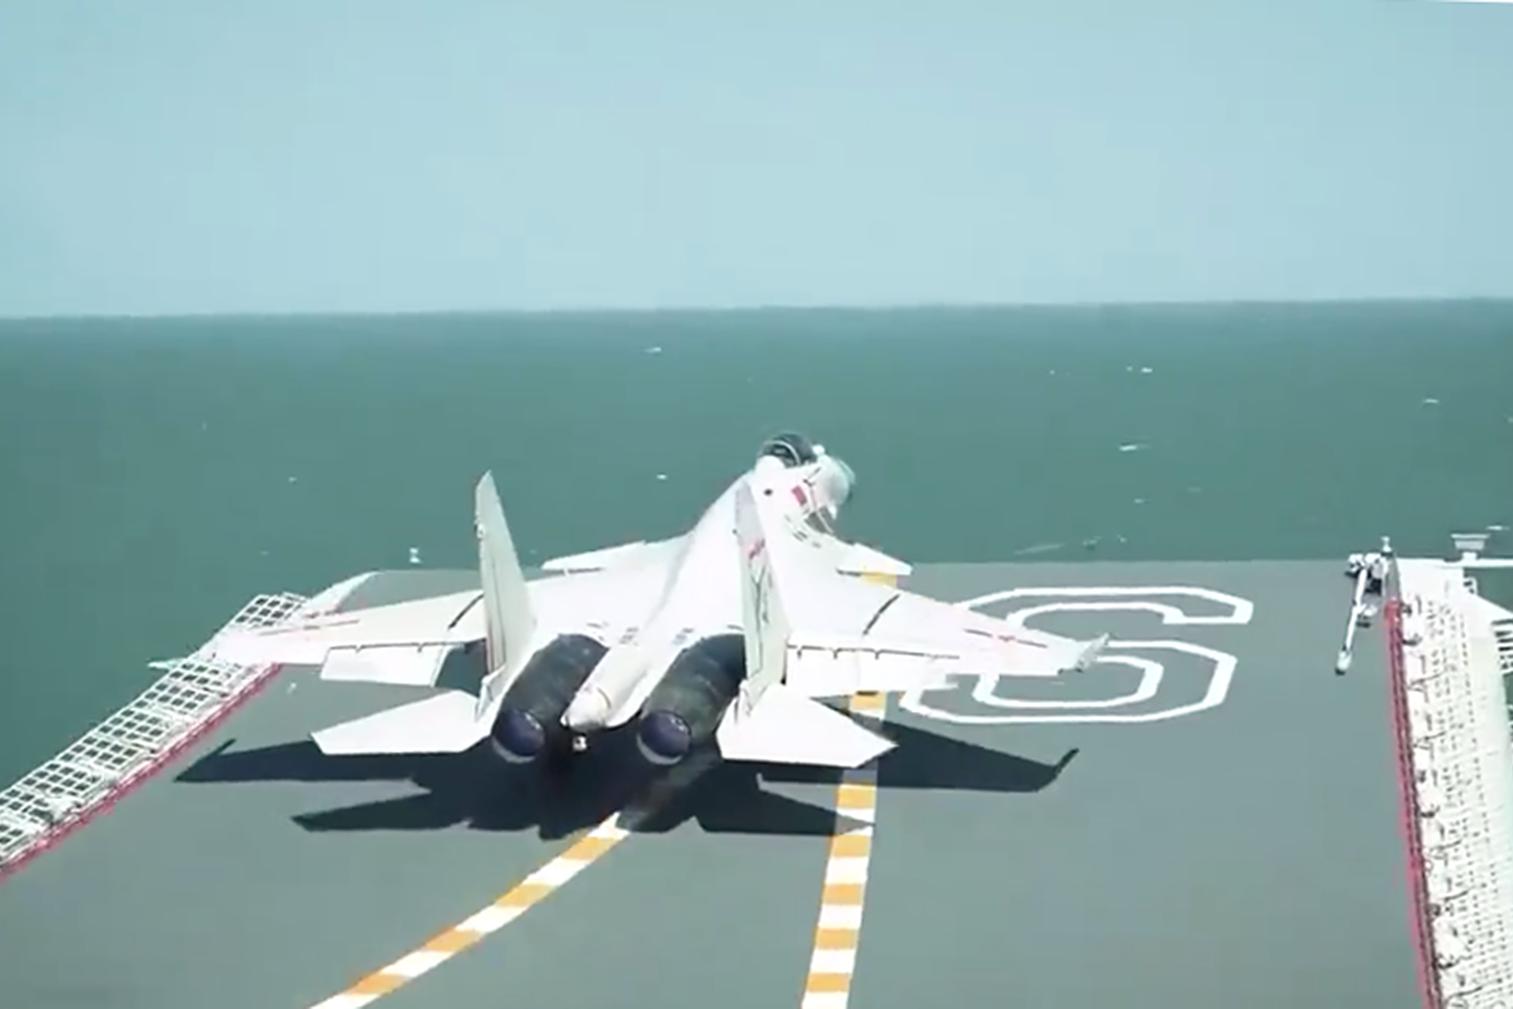 美三航母群逼近,央视播出歼15战机辽宁号起降,战疫时刻亮出肌肉